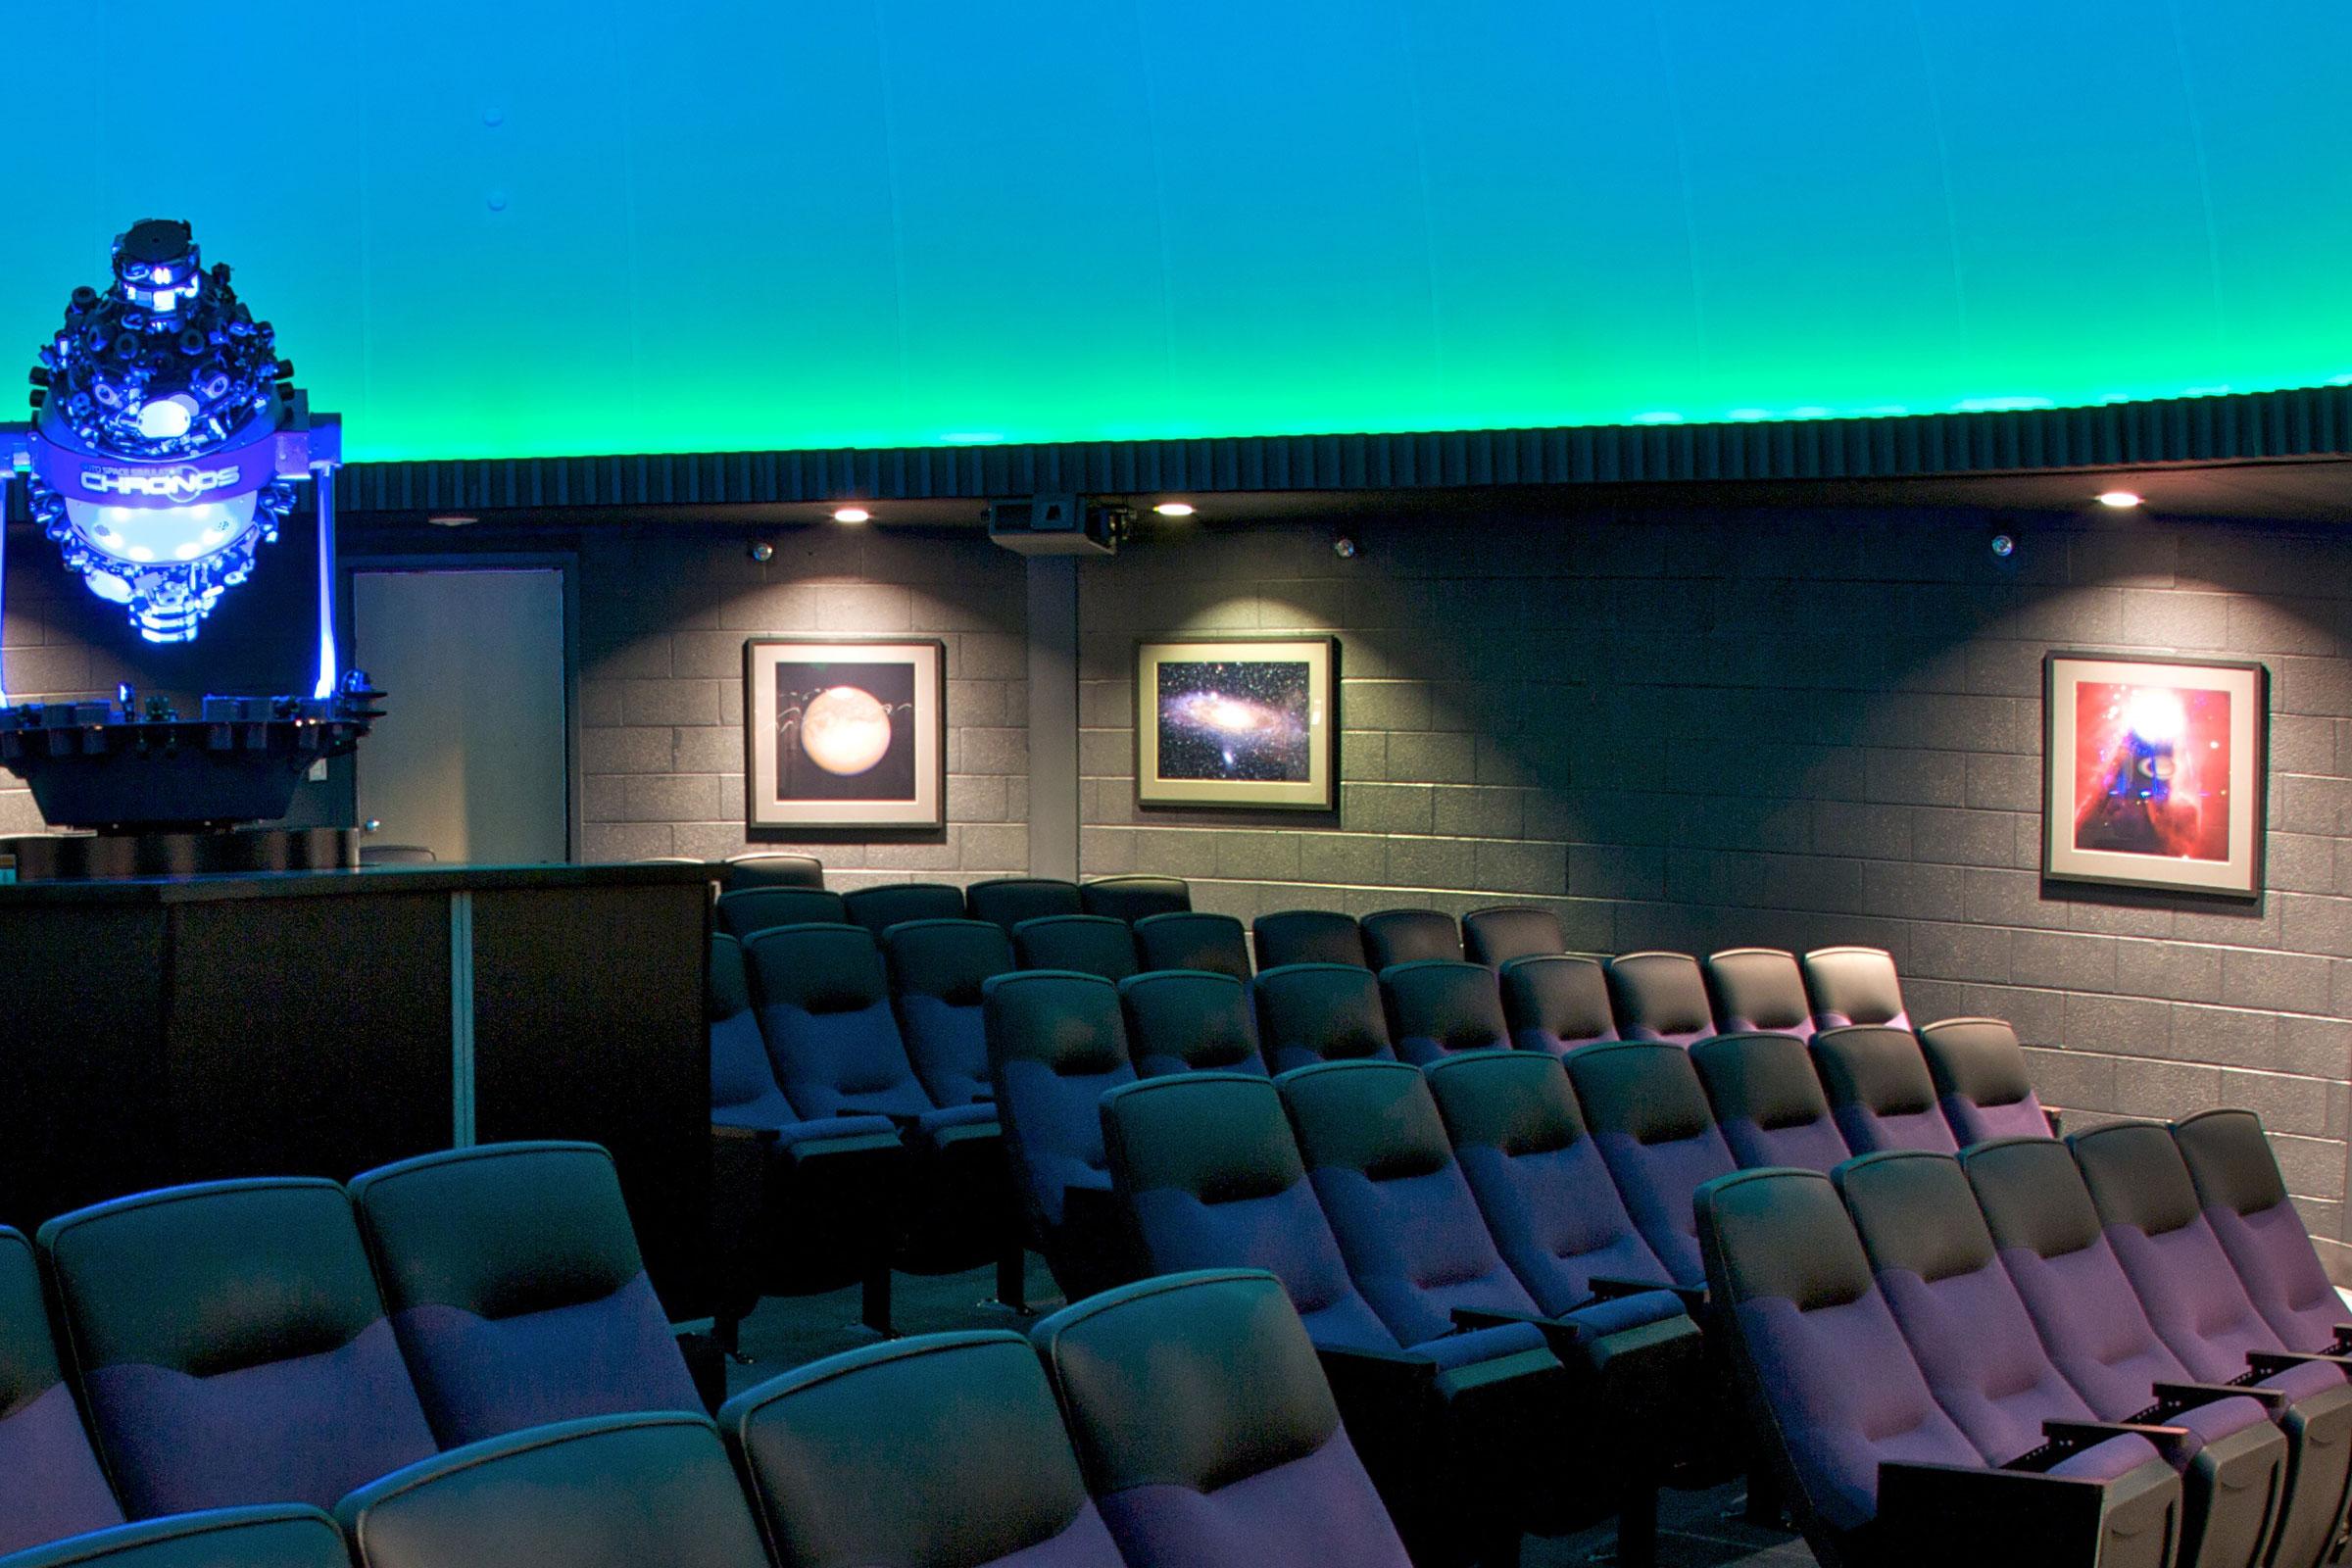 planetarium seating